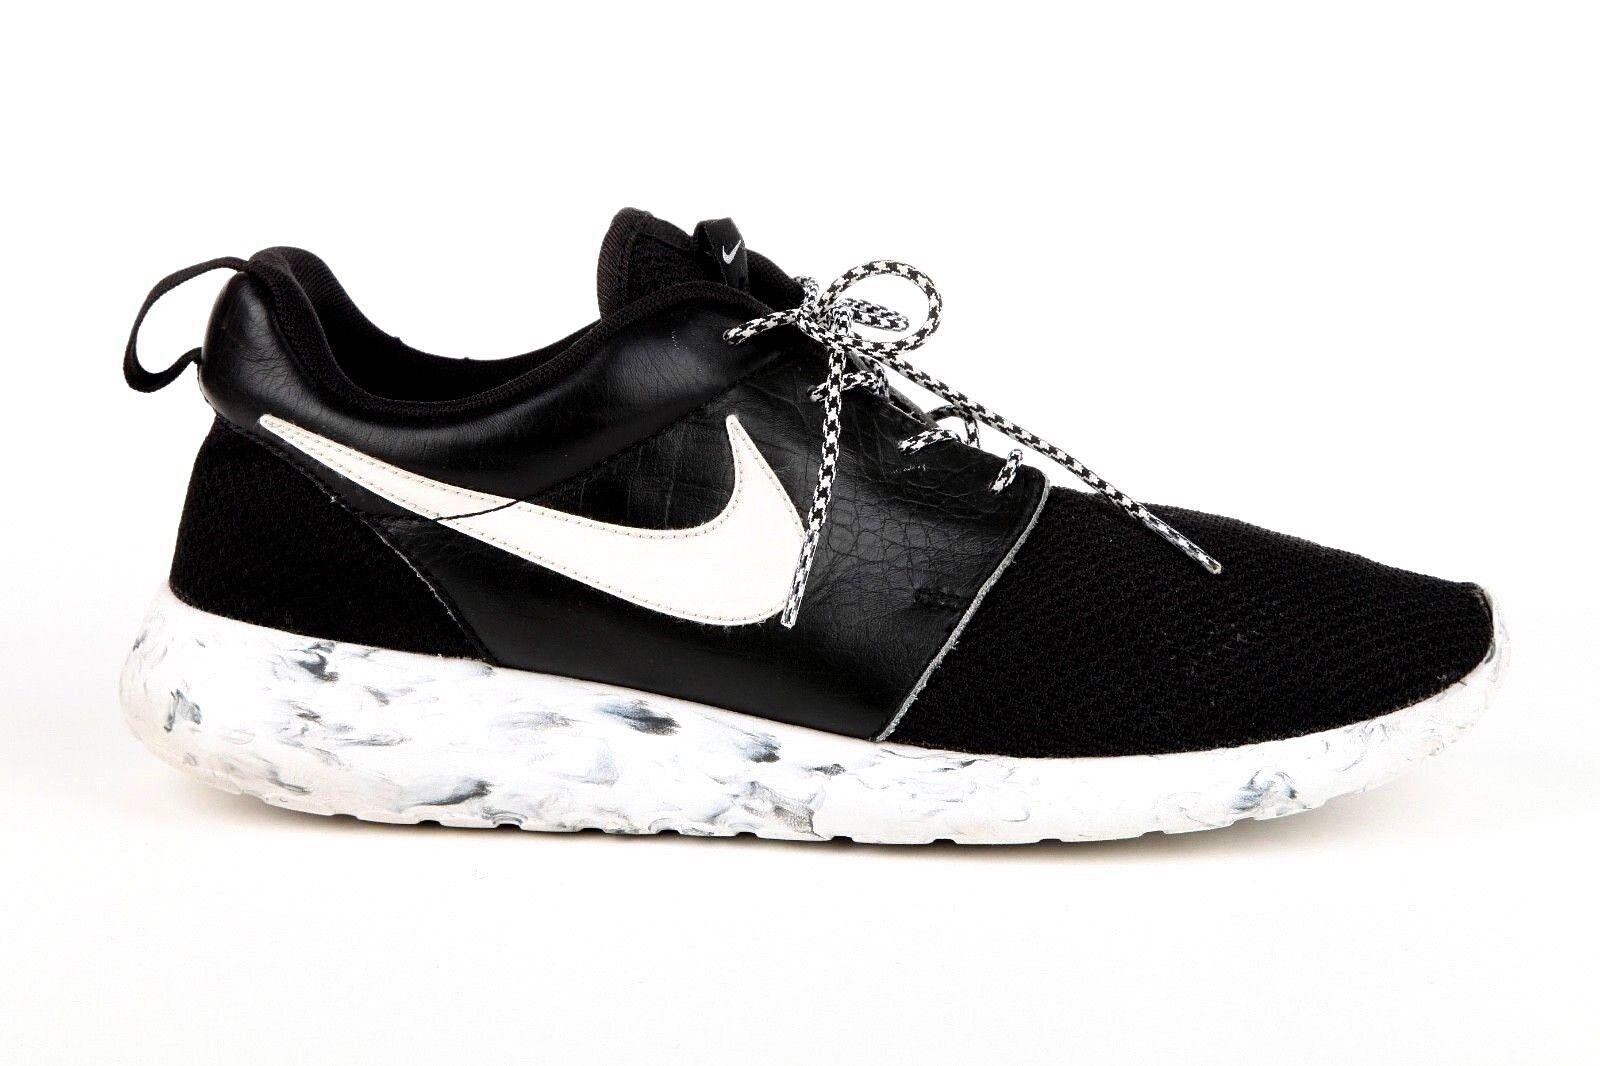 NIKE ROSHE RUN Sneakers Men's Men's Men's US 10 Black Paint Splatter White Swoosh Custom 91fb13